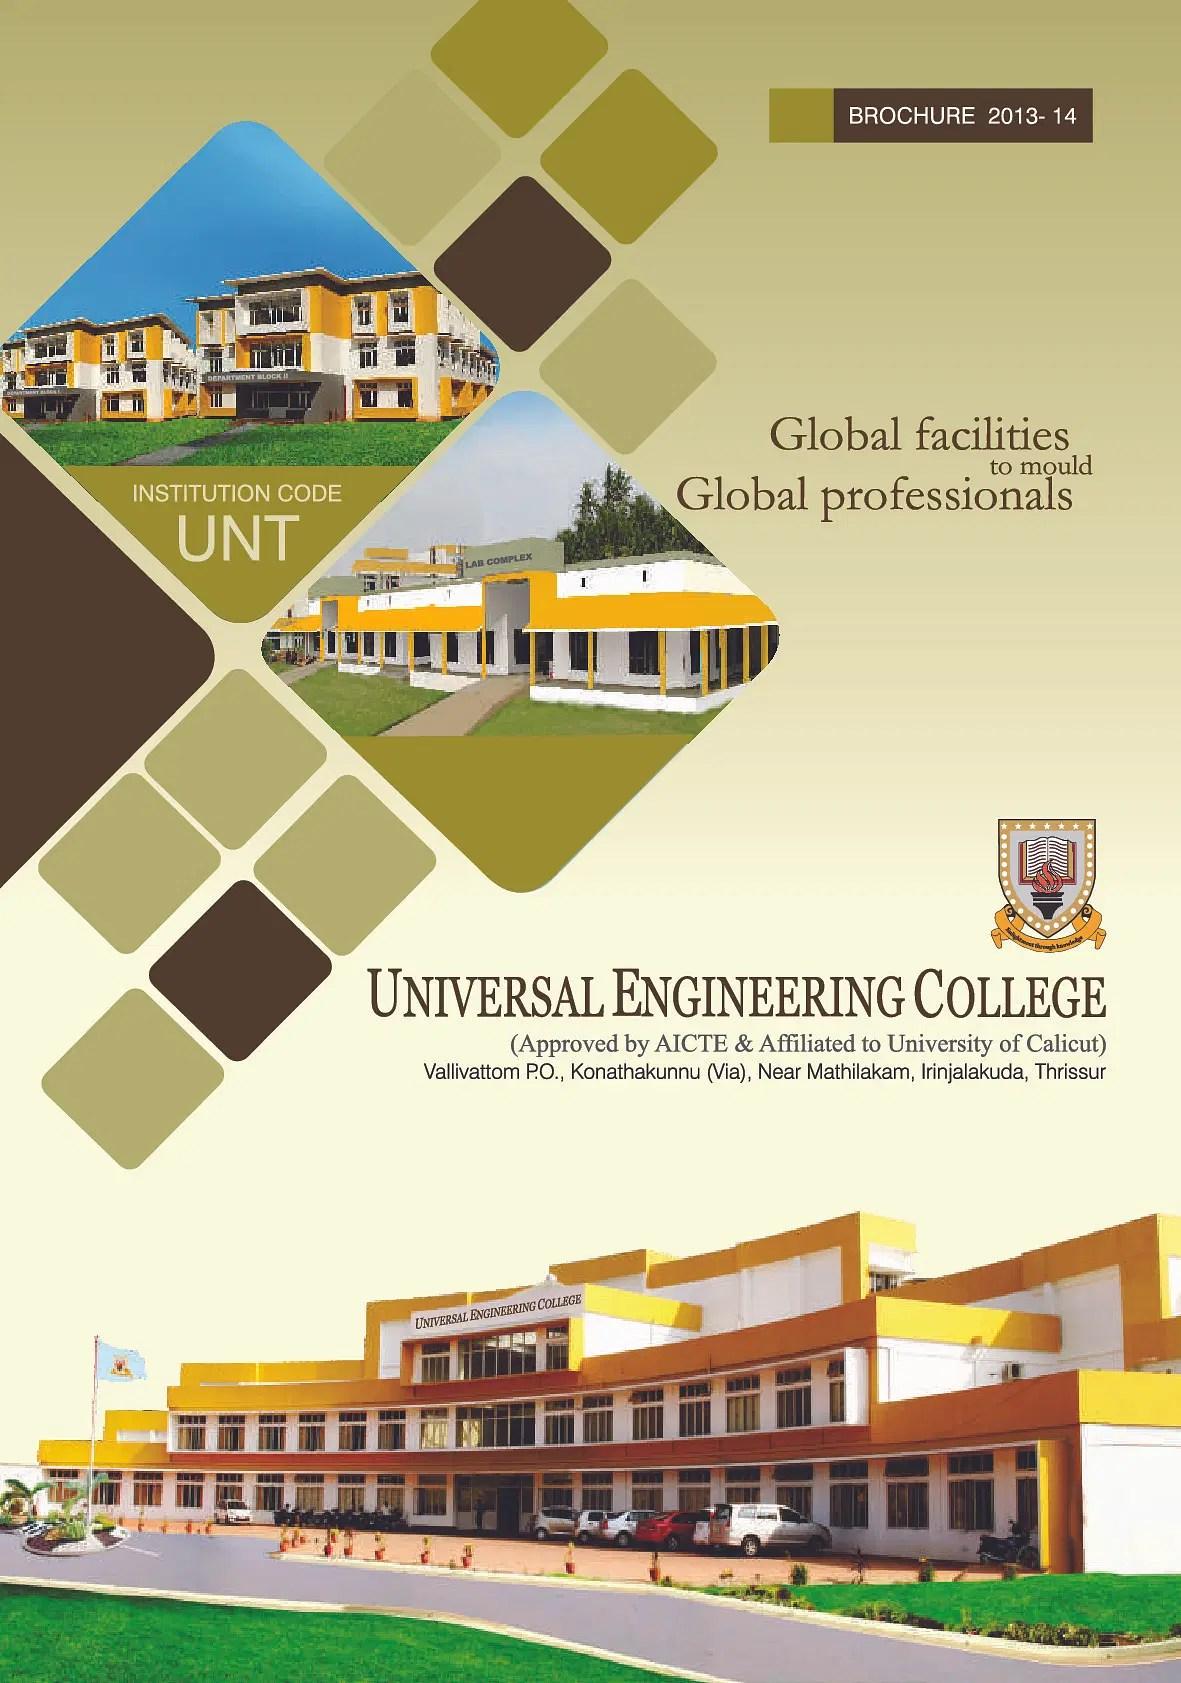 Universal Engineering College UEC Thrissur